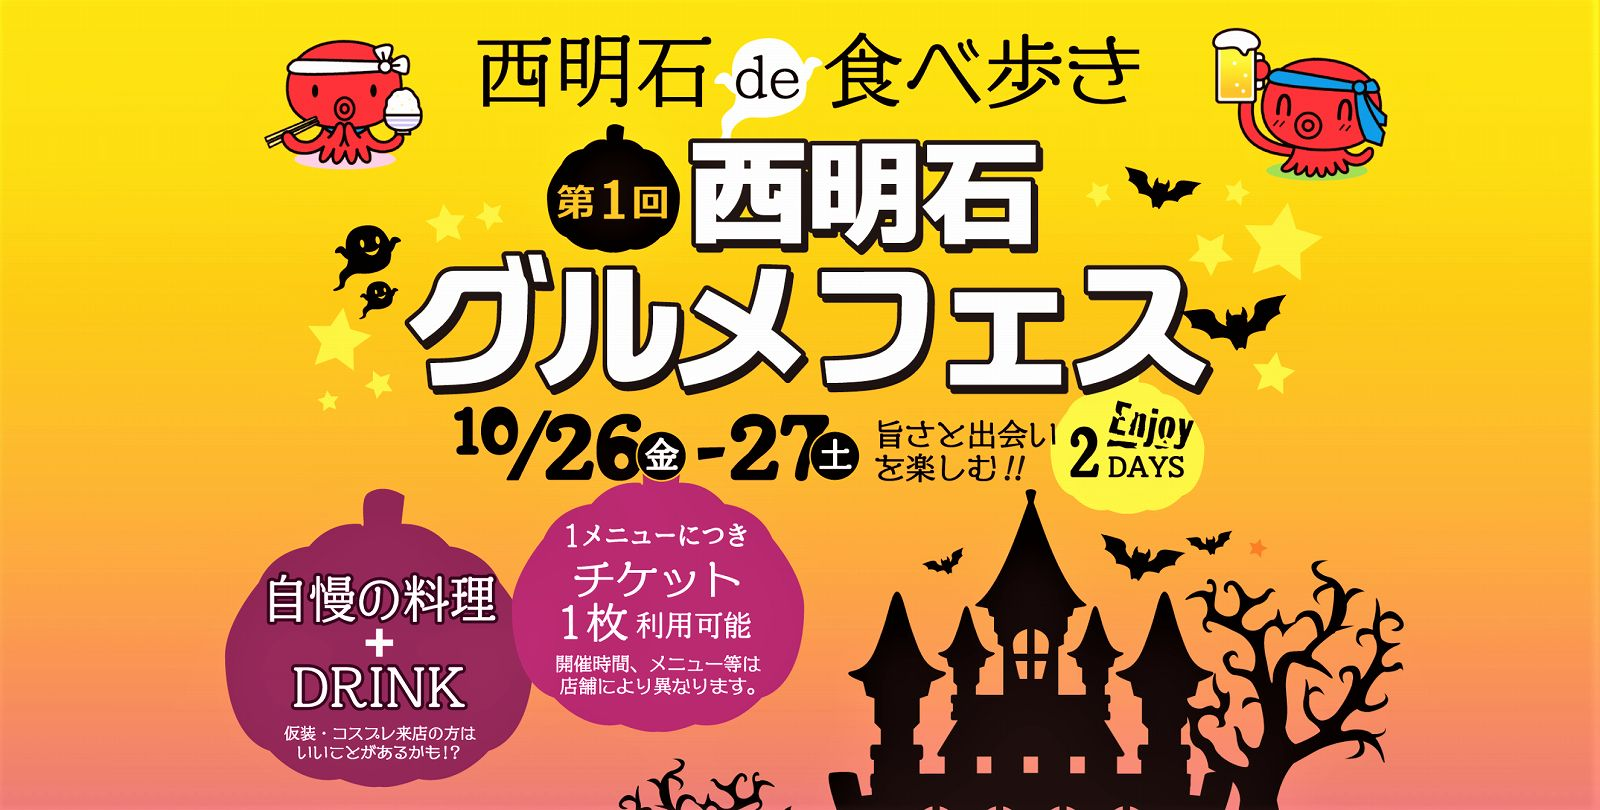 西明石駅周辺の飲食店で「第1回 西明石グルメフェス」が10月26日・27日に開催されるよ! #西明石グルメフェス #西明石 #食イベント #食べ歩き